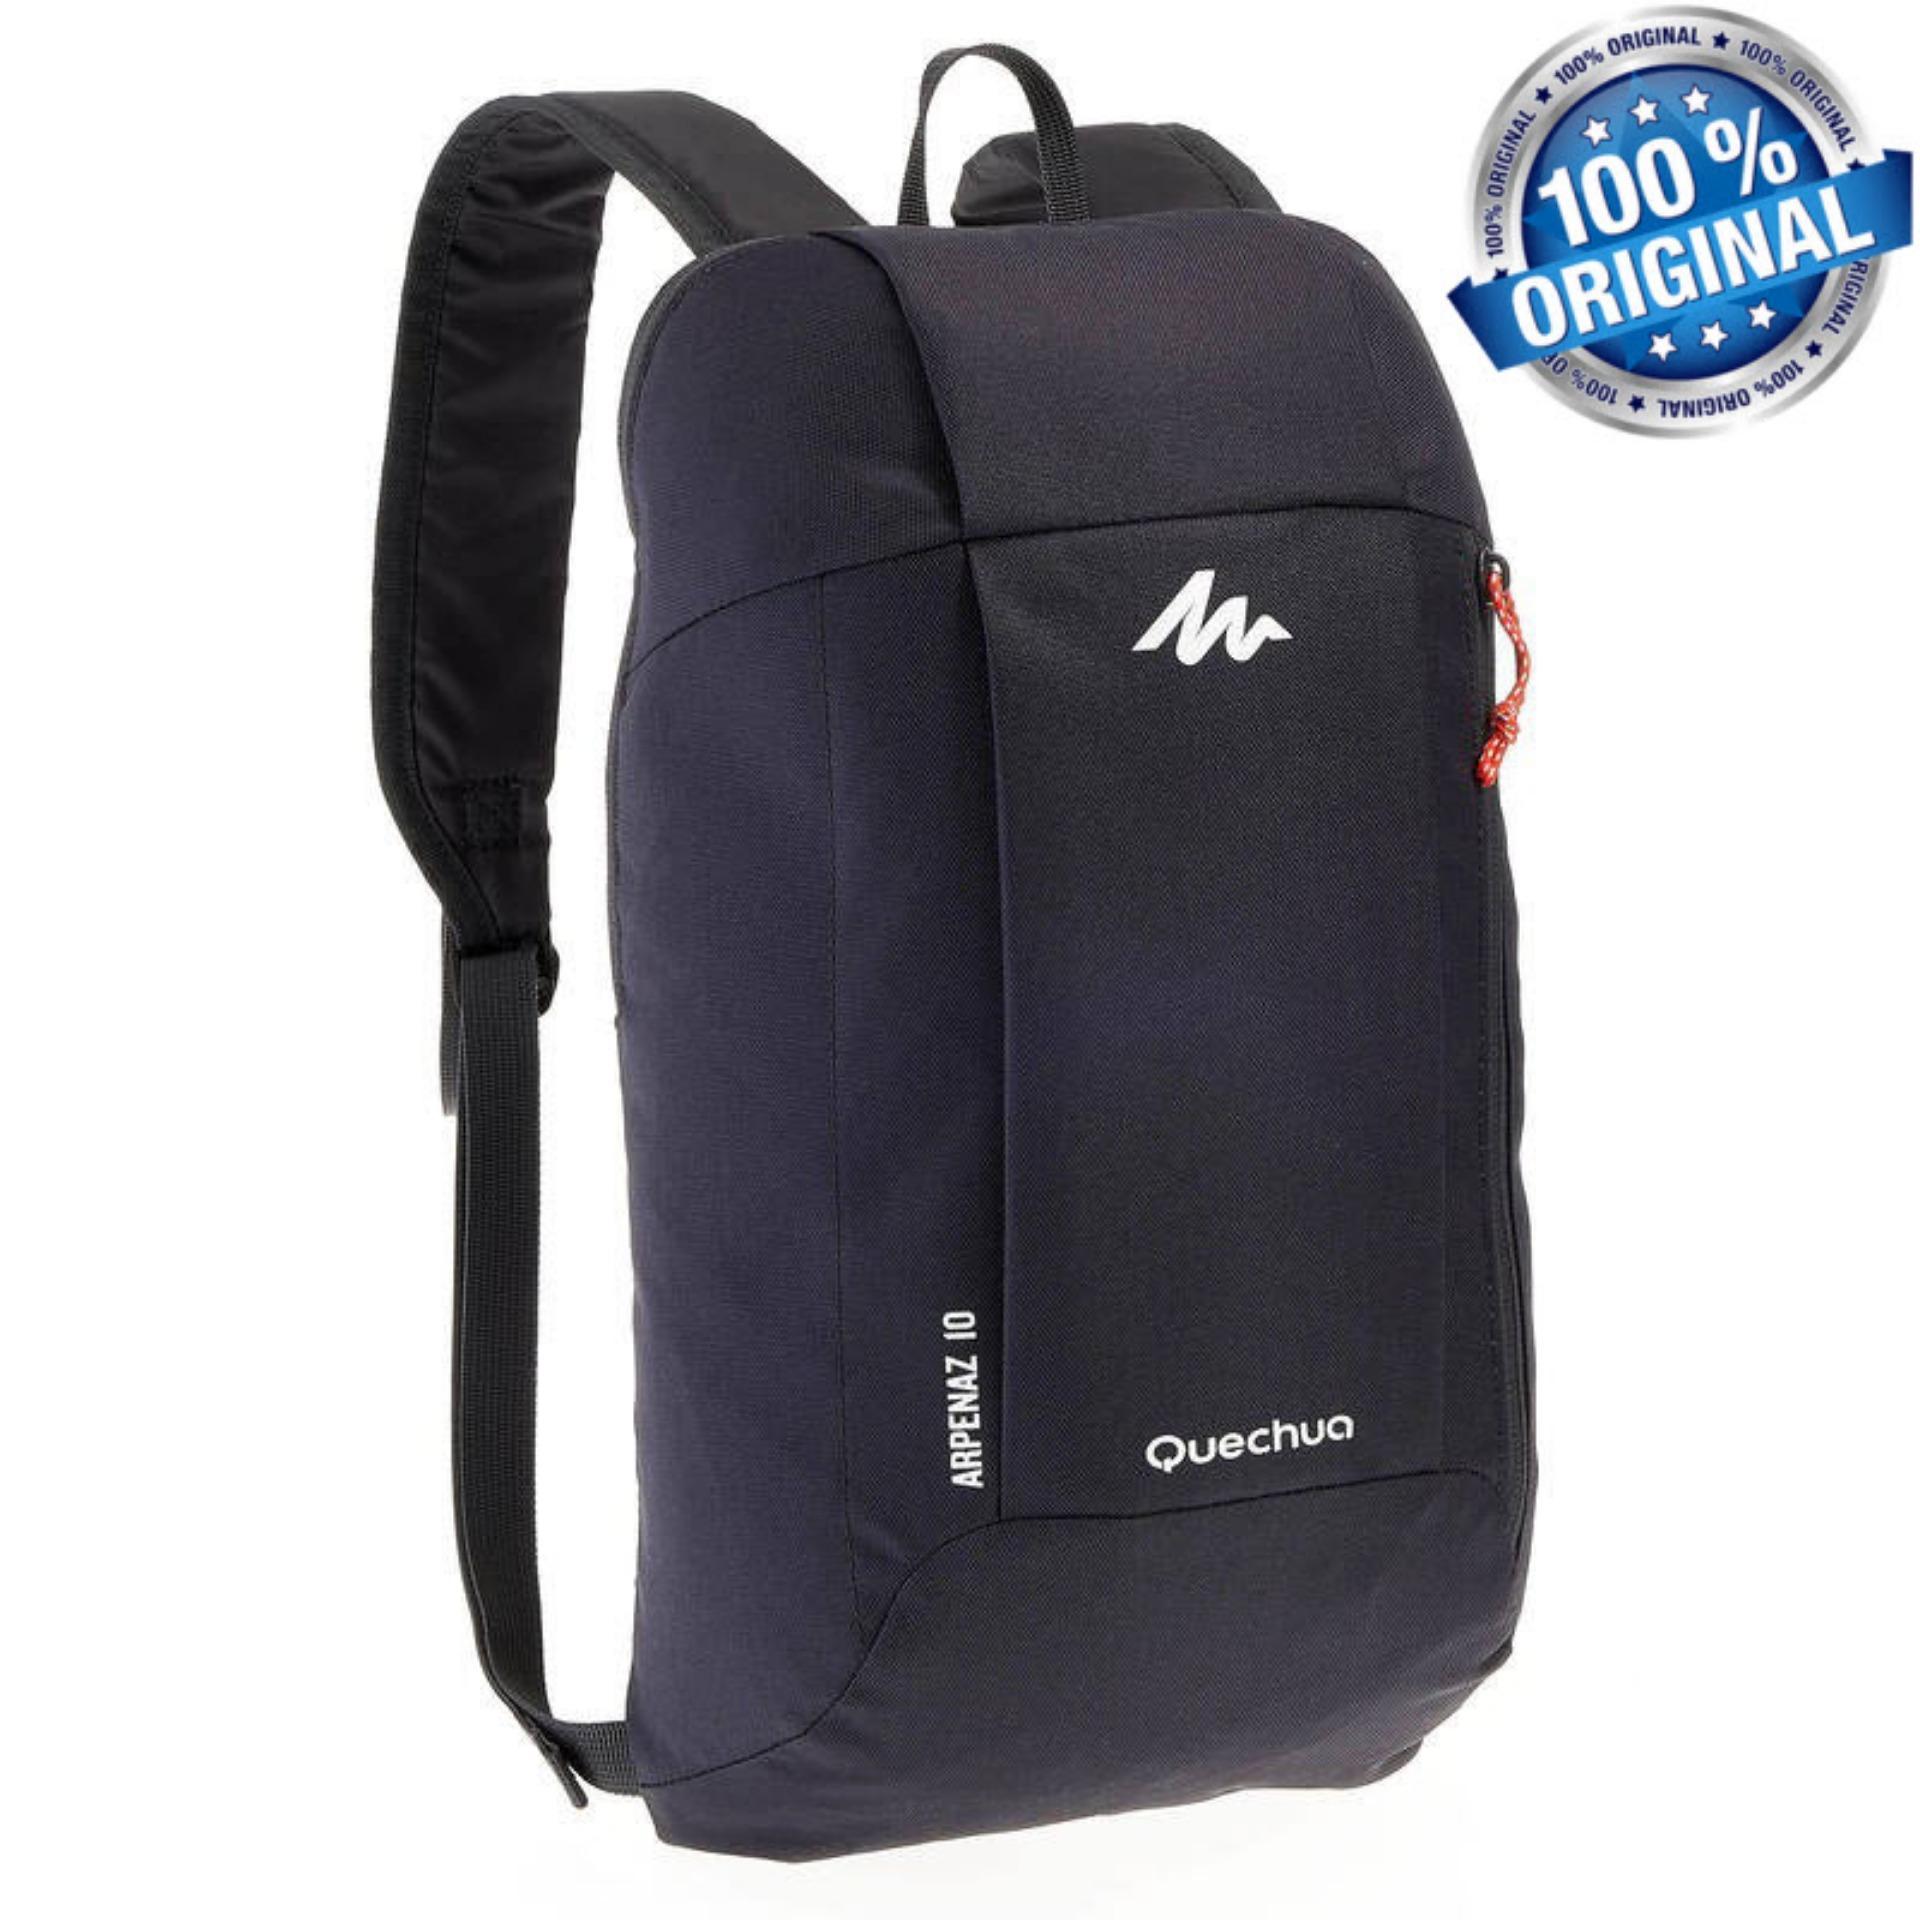 Original Branded Unisex Multipurpose Backpack MSR224   Tas Ransel Kecil  Harian Pria Wanita Dewasa Anak Laki 3f51c5b25f